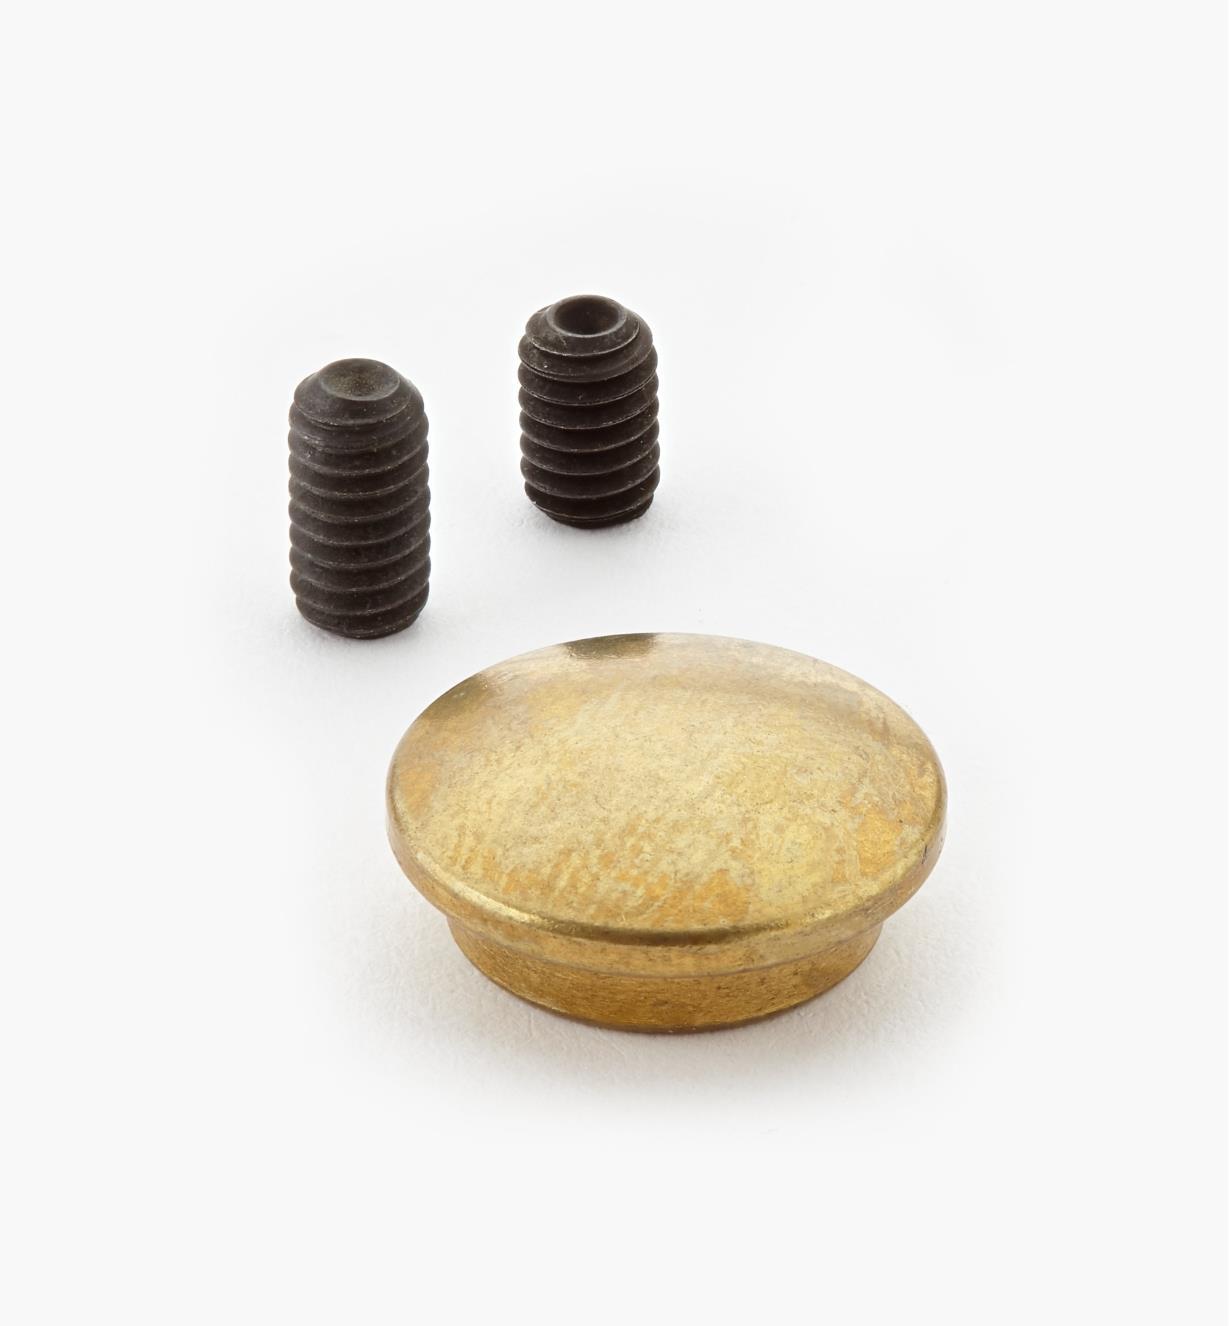 05G0602 - Cache-écrou en laiton pour ferrure d'assemblage démontable 1/4 20 de 3po Veritas, l'unité